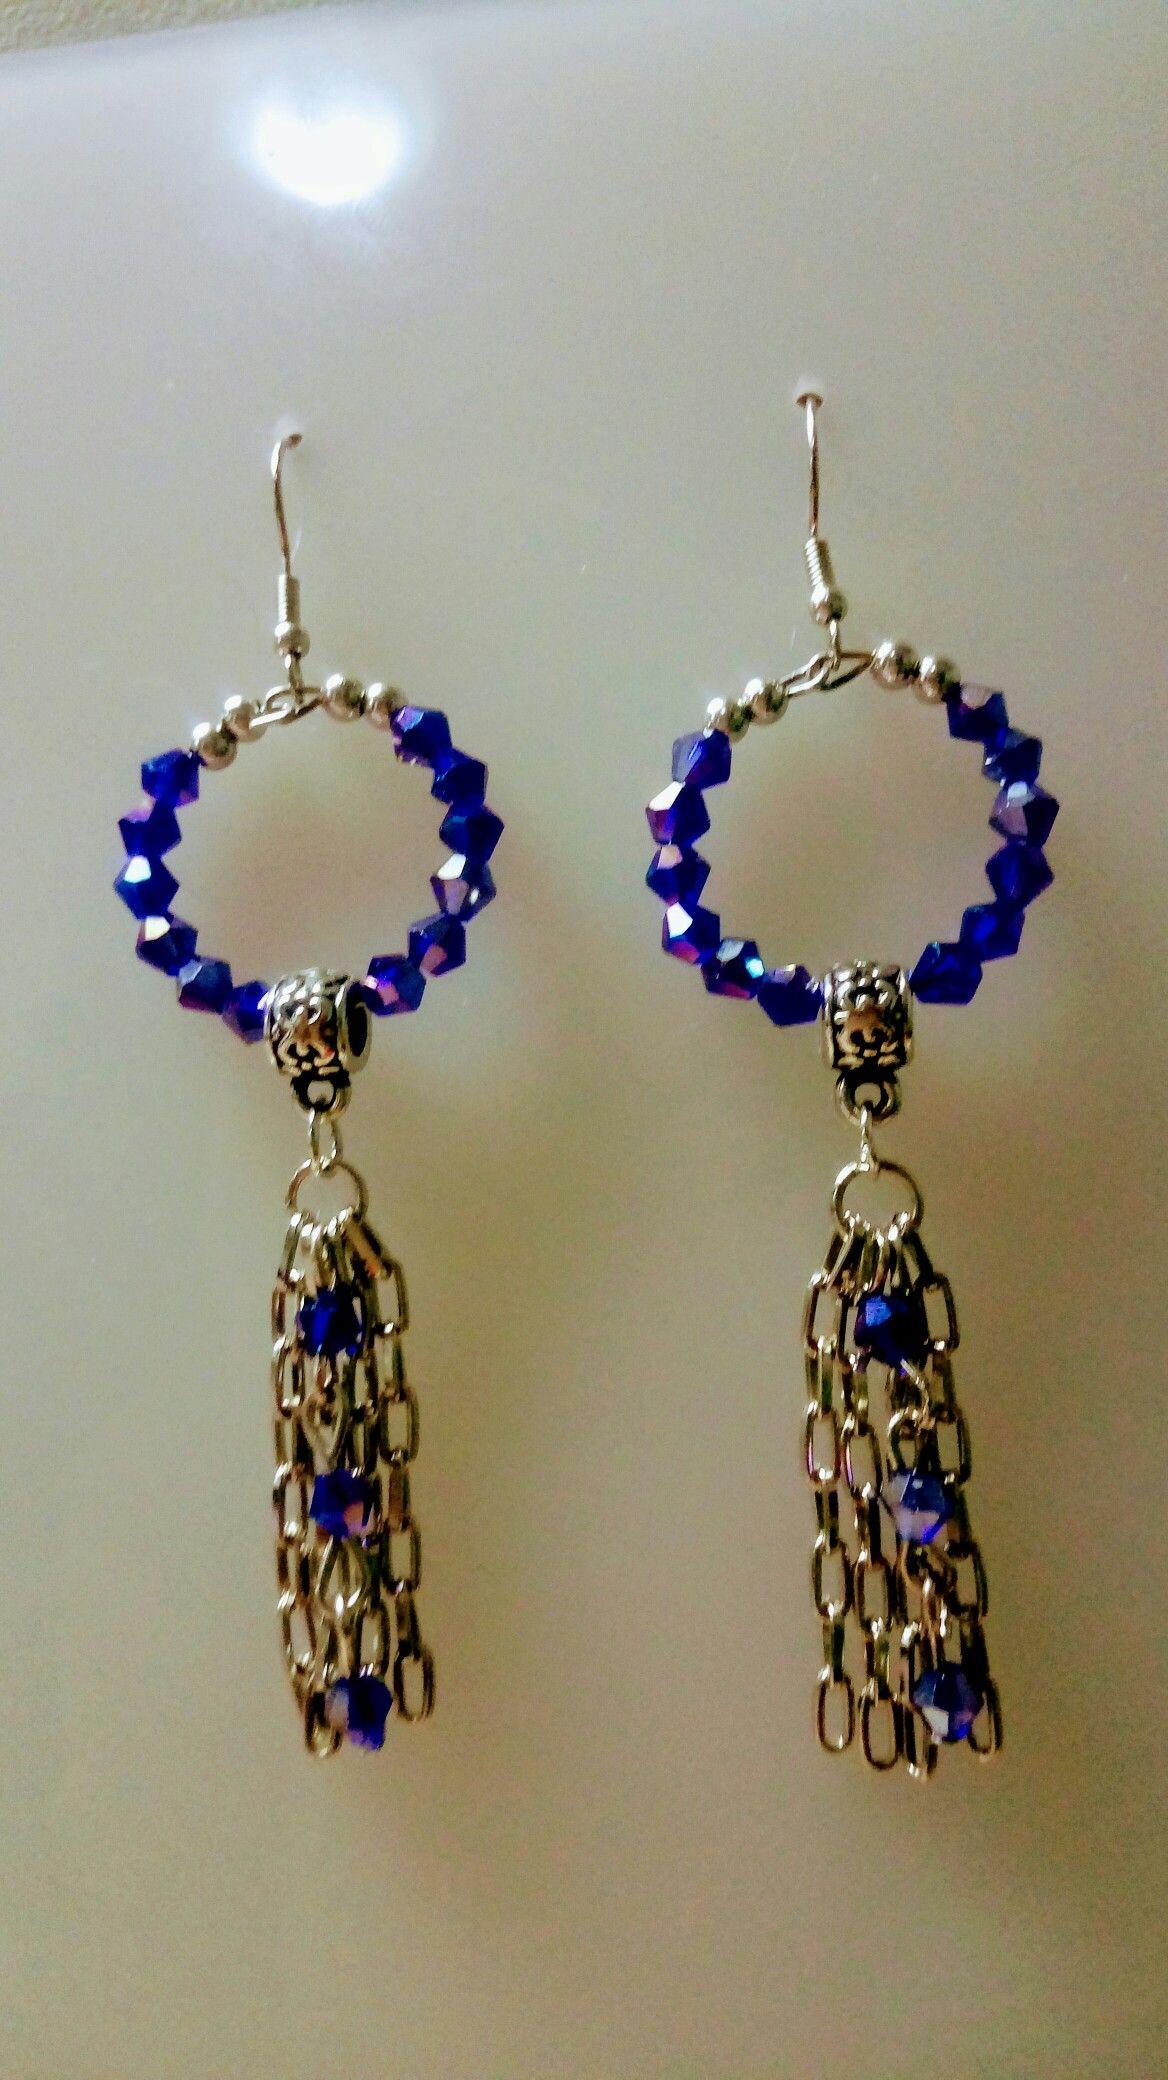 Pin von mkaywintermute auf jewelry | Pinterest